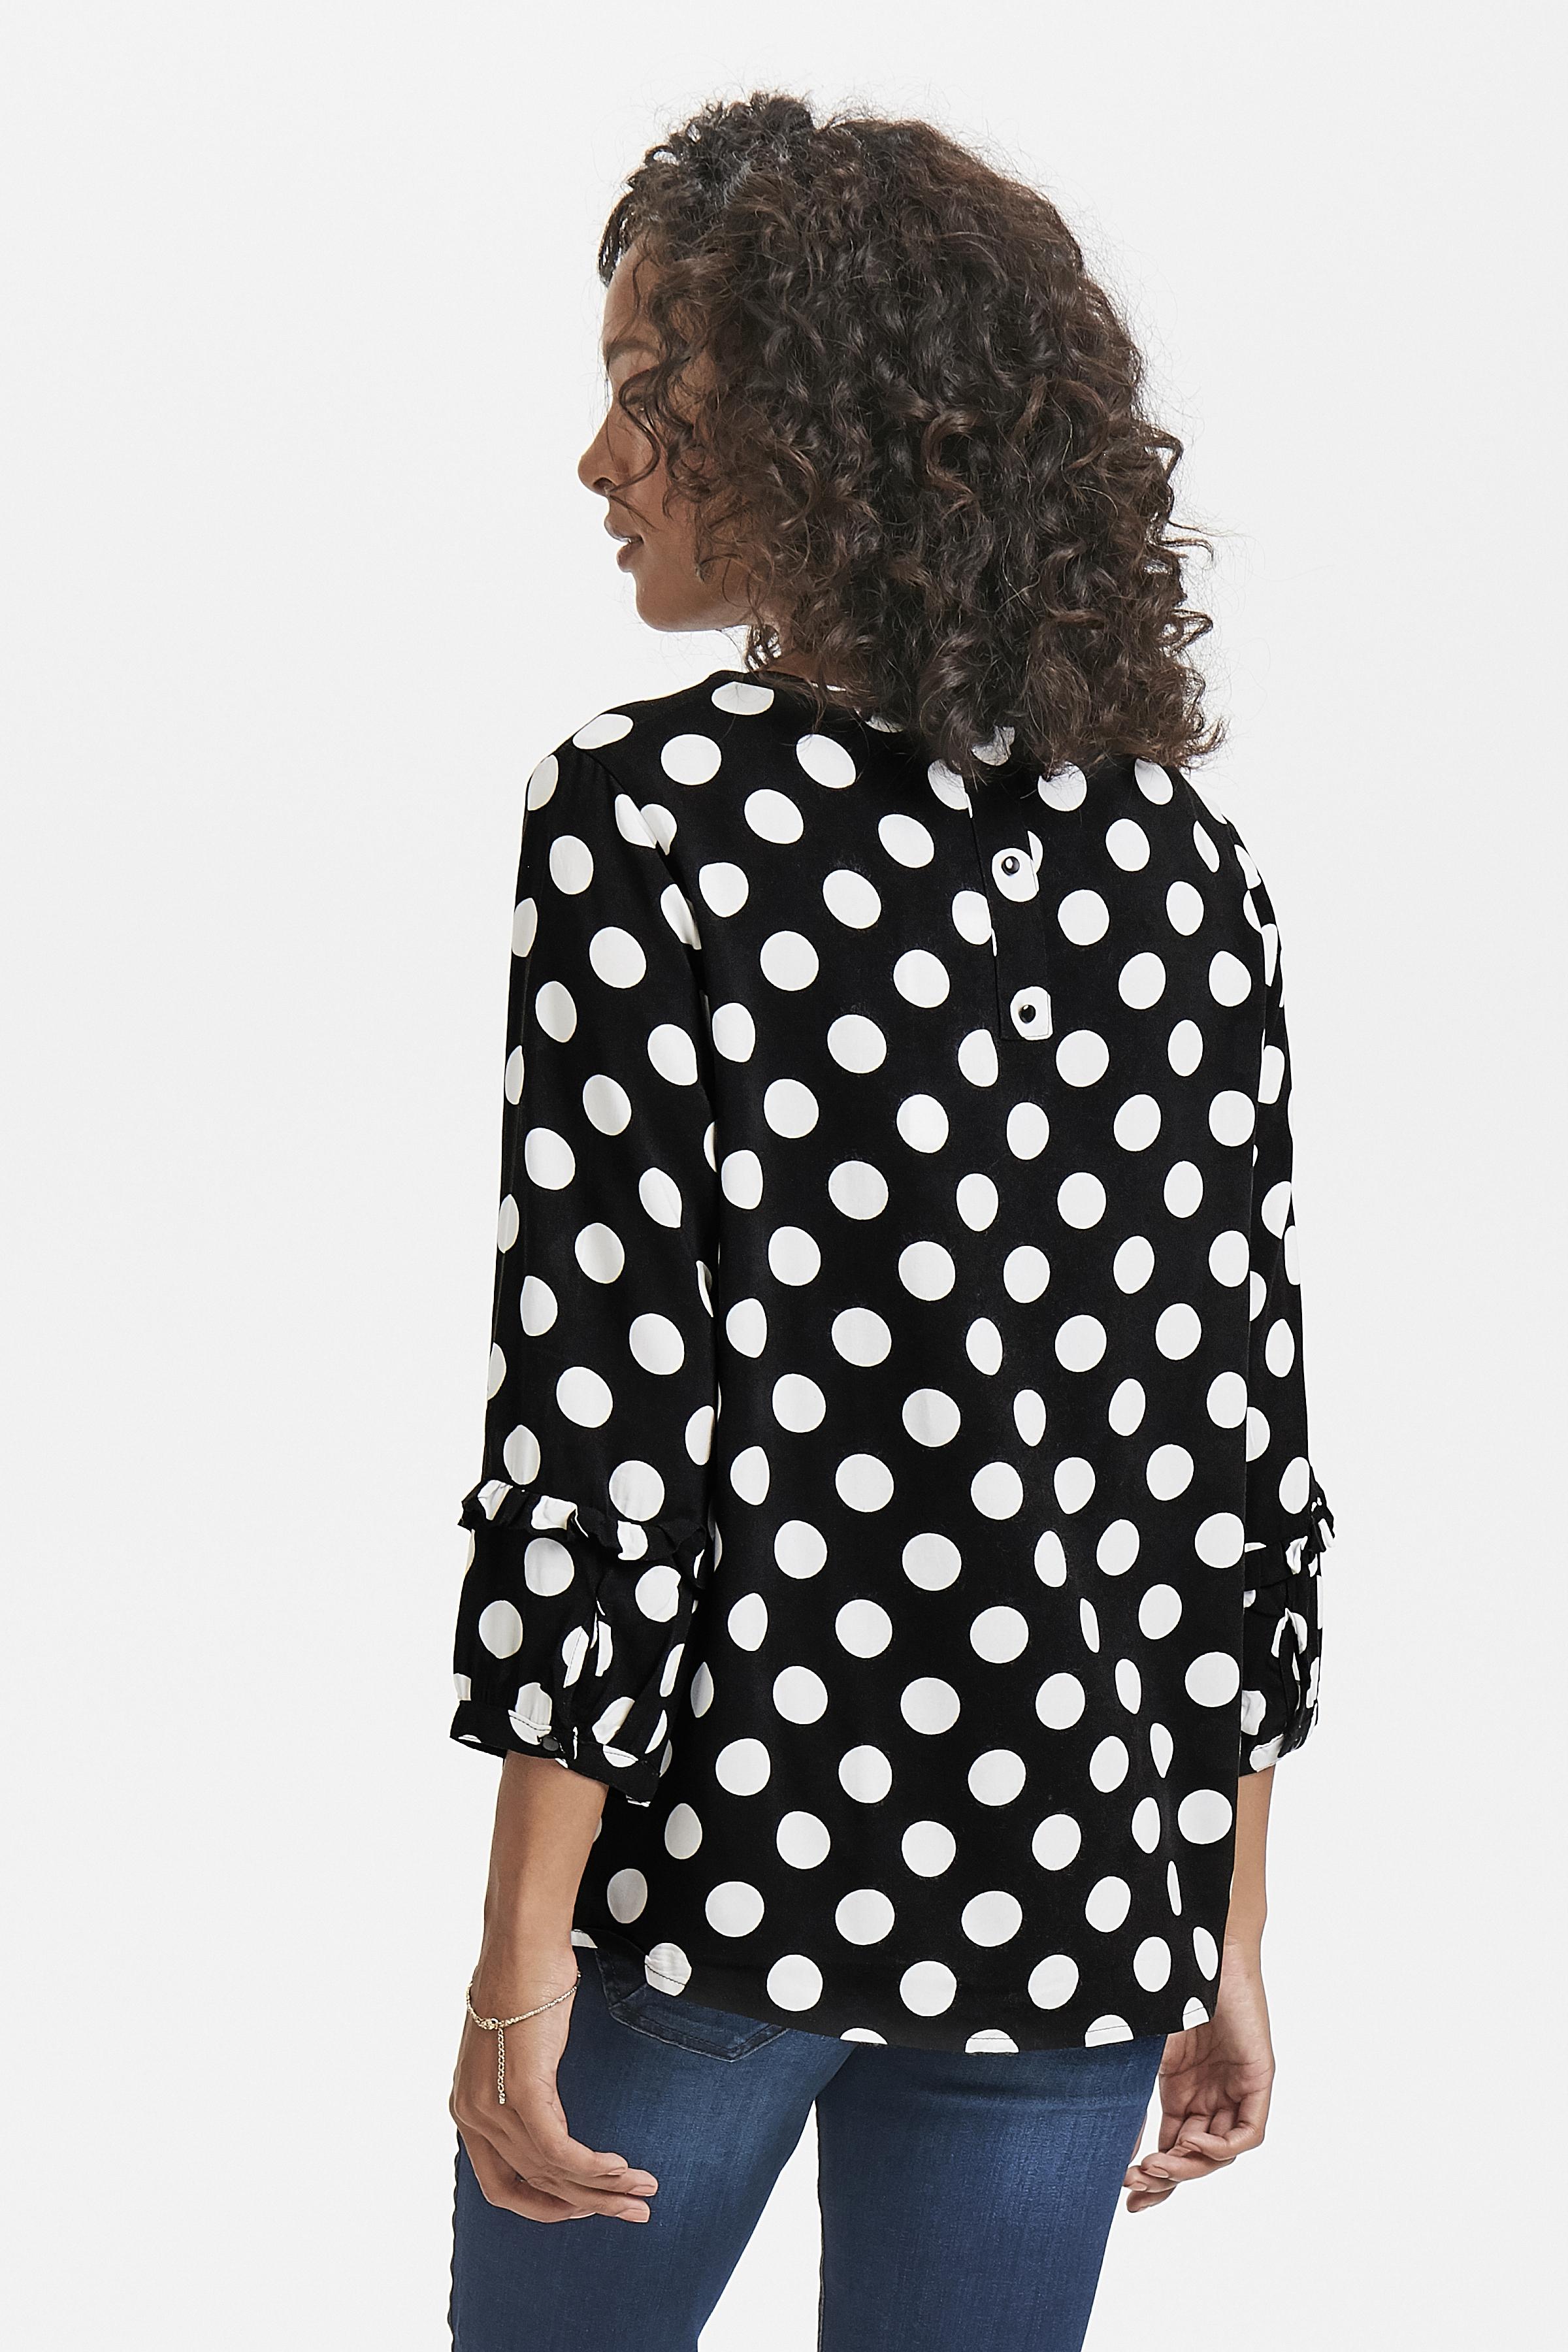 Schwarz/wollweiß Kurzarm-Bluse von Fransa – Shoppen Sie Schwarz/wollweiß Kurzarm-Bluse ab Gr. XS-XXL hier